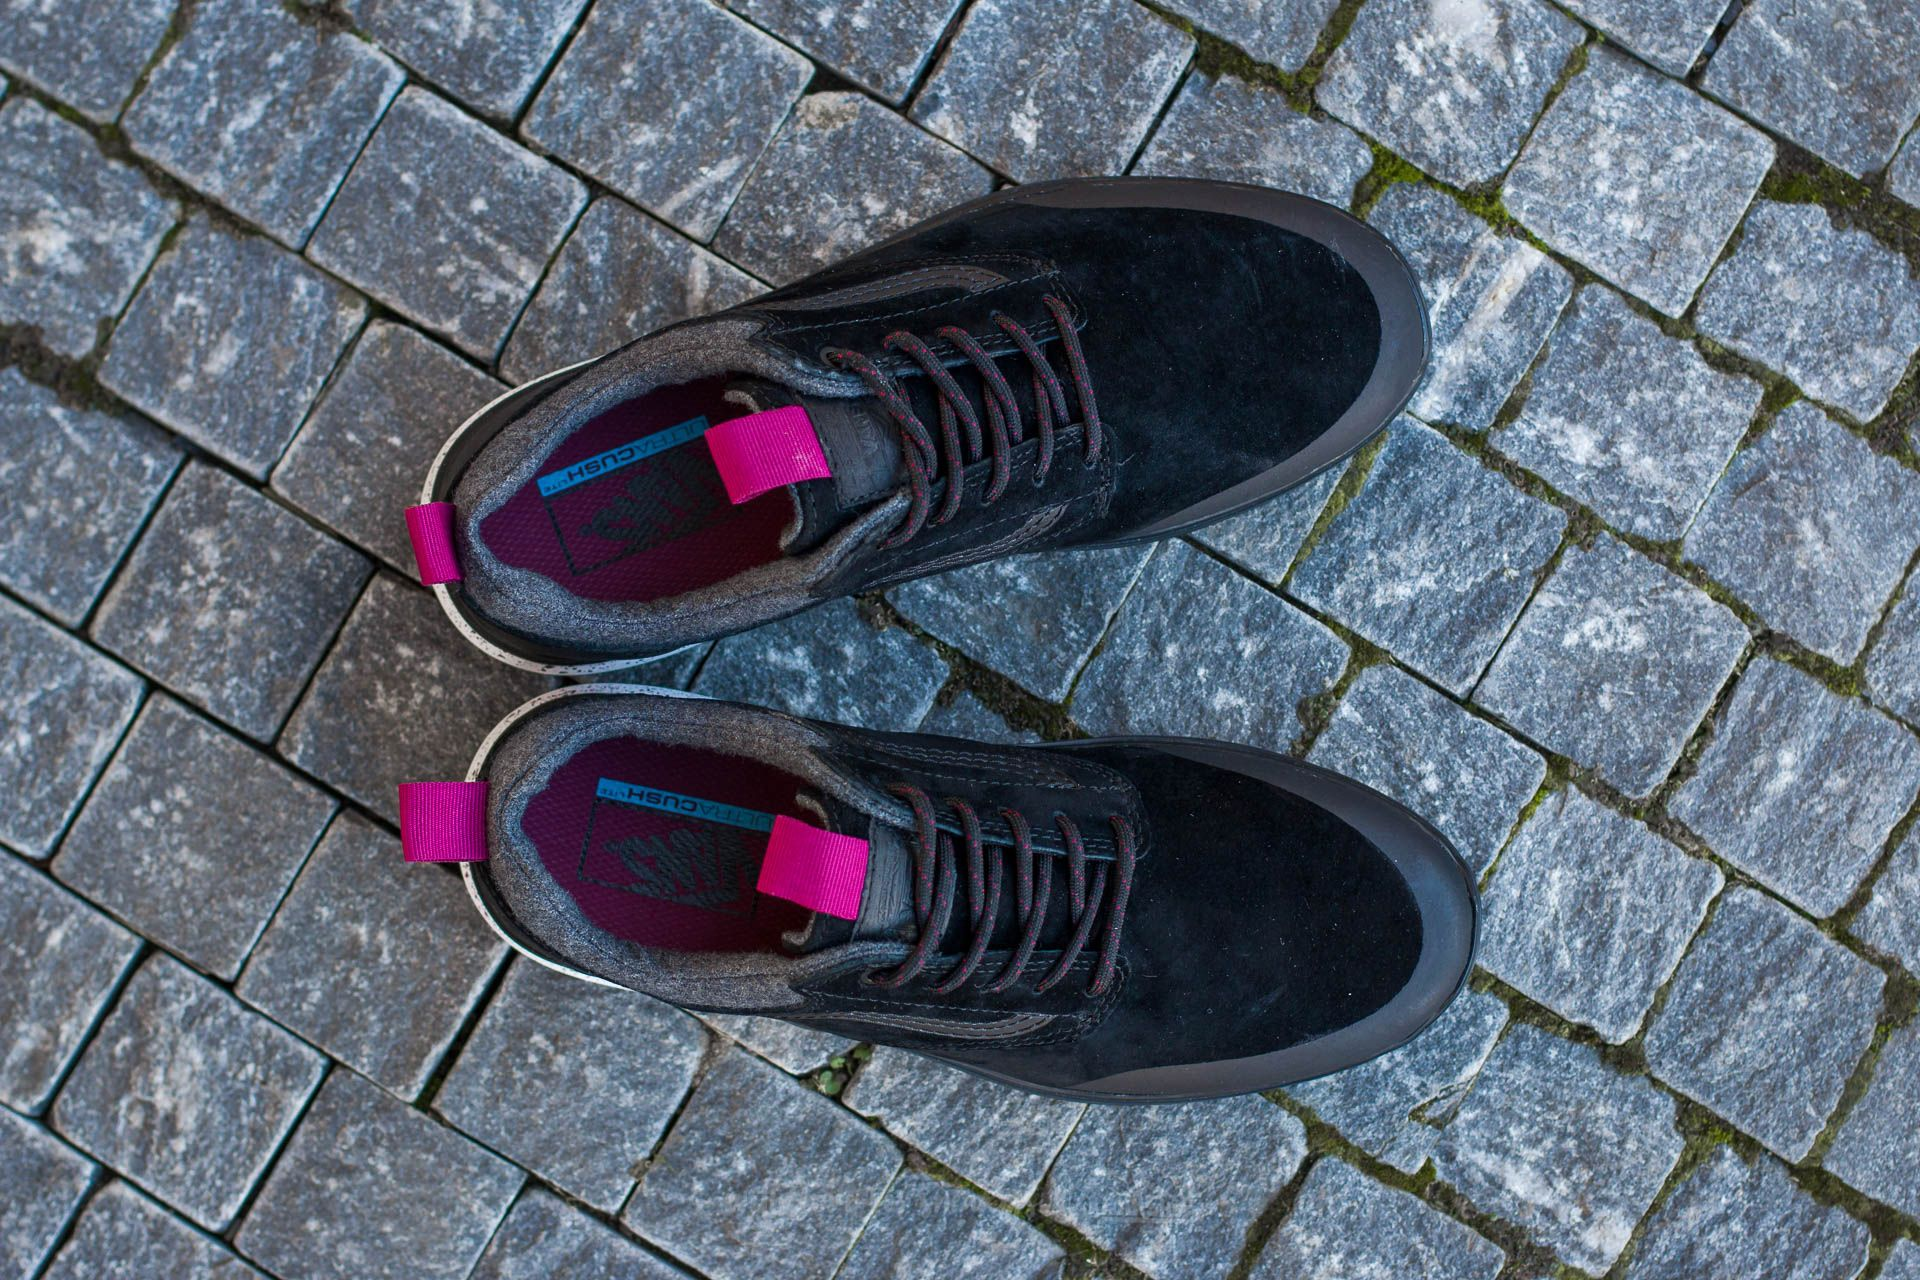 Vans Iso 3 MTE (MTE) Black Beet Red | Footshop